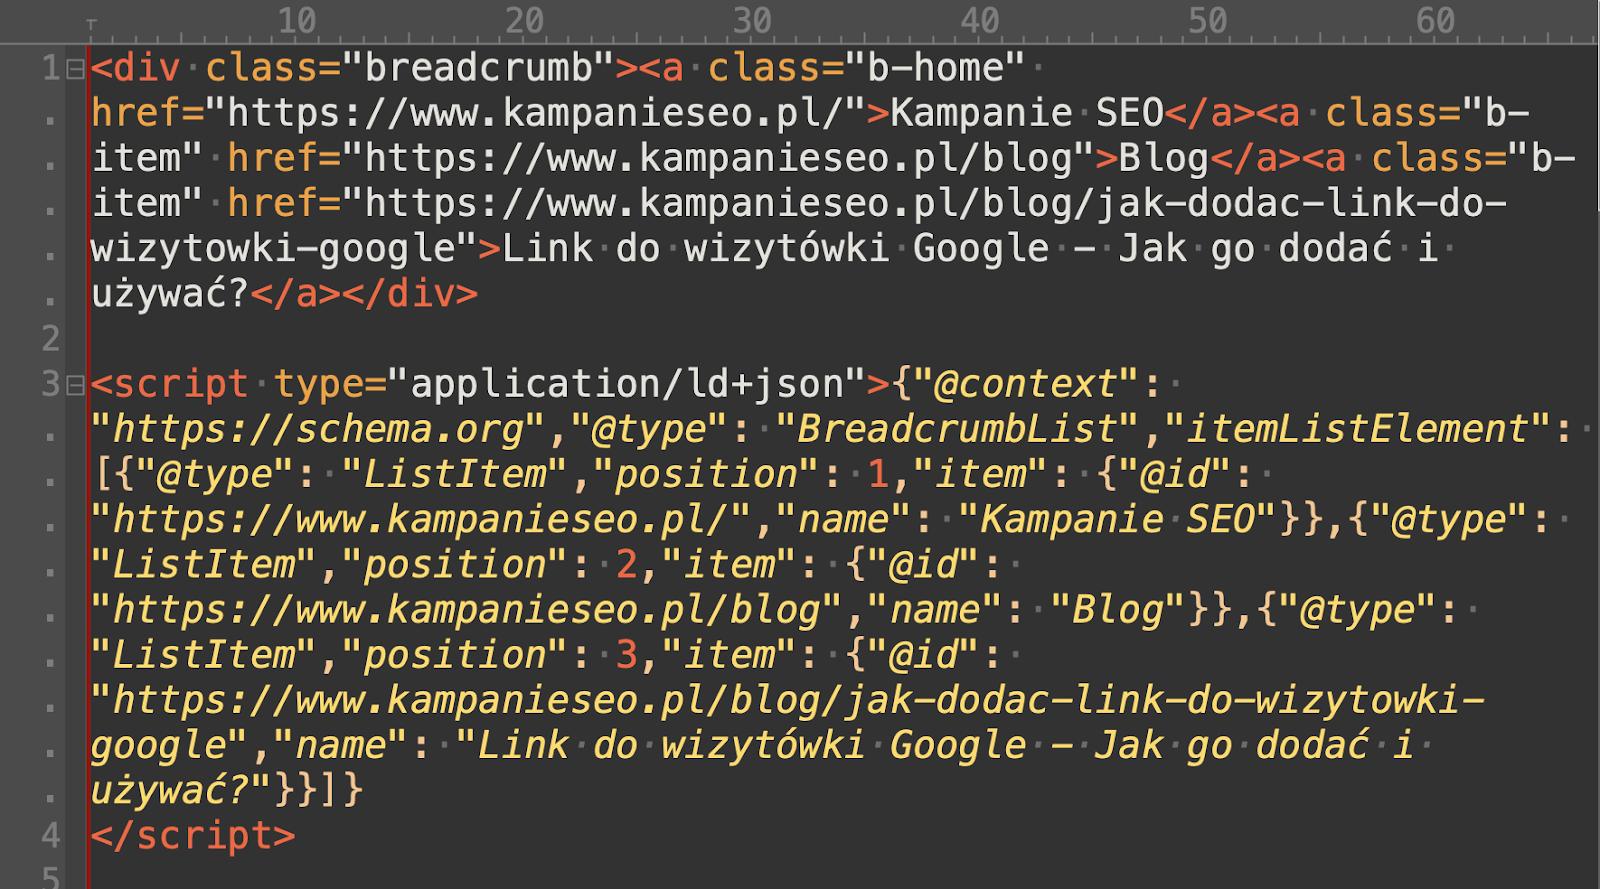 Przykład poprawnego kodu breadcrumbs wraz ze schema